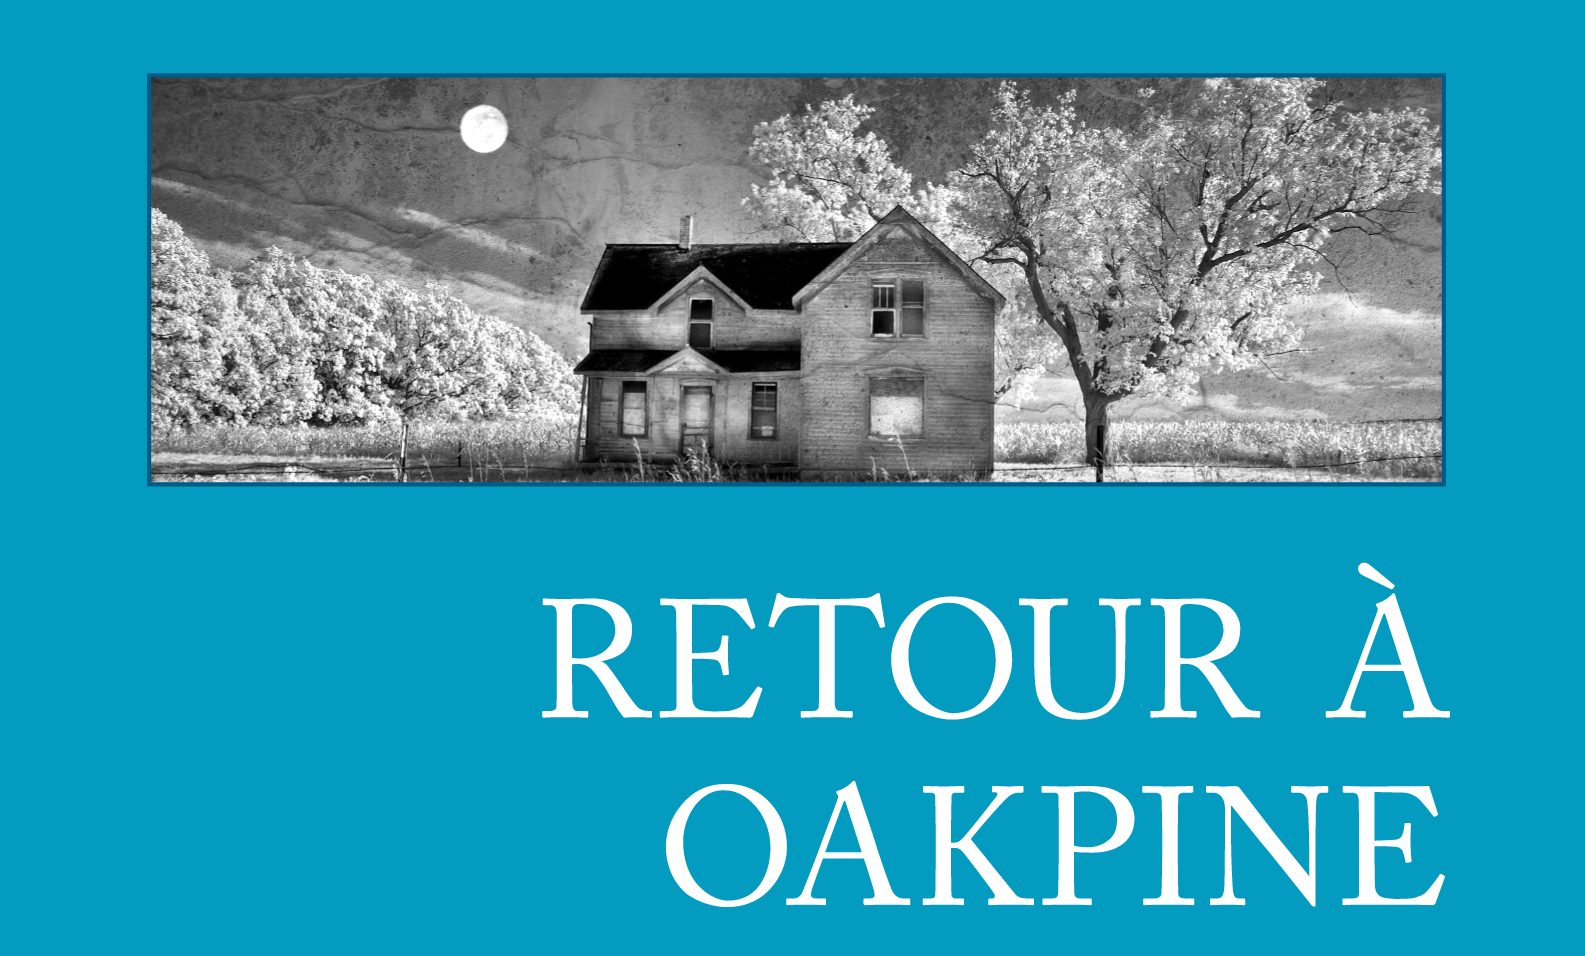 Retour à Oakpine